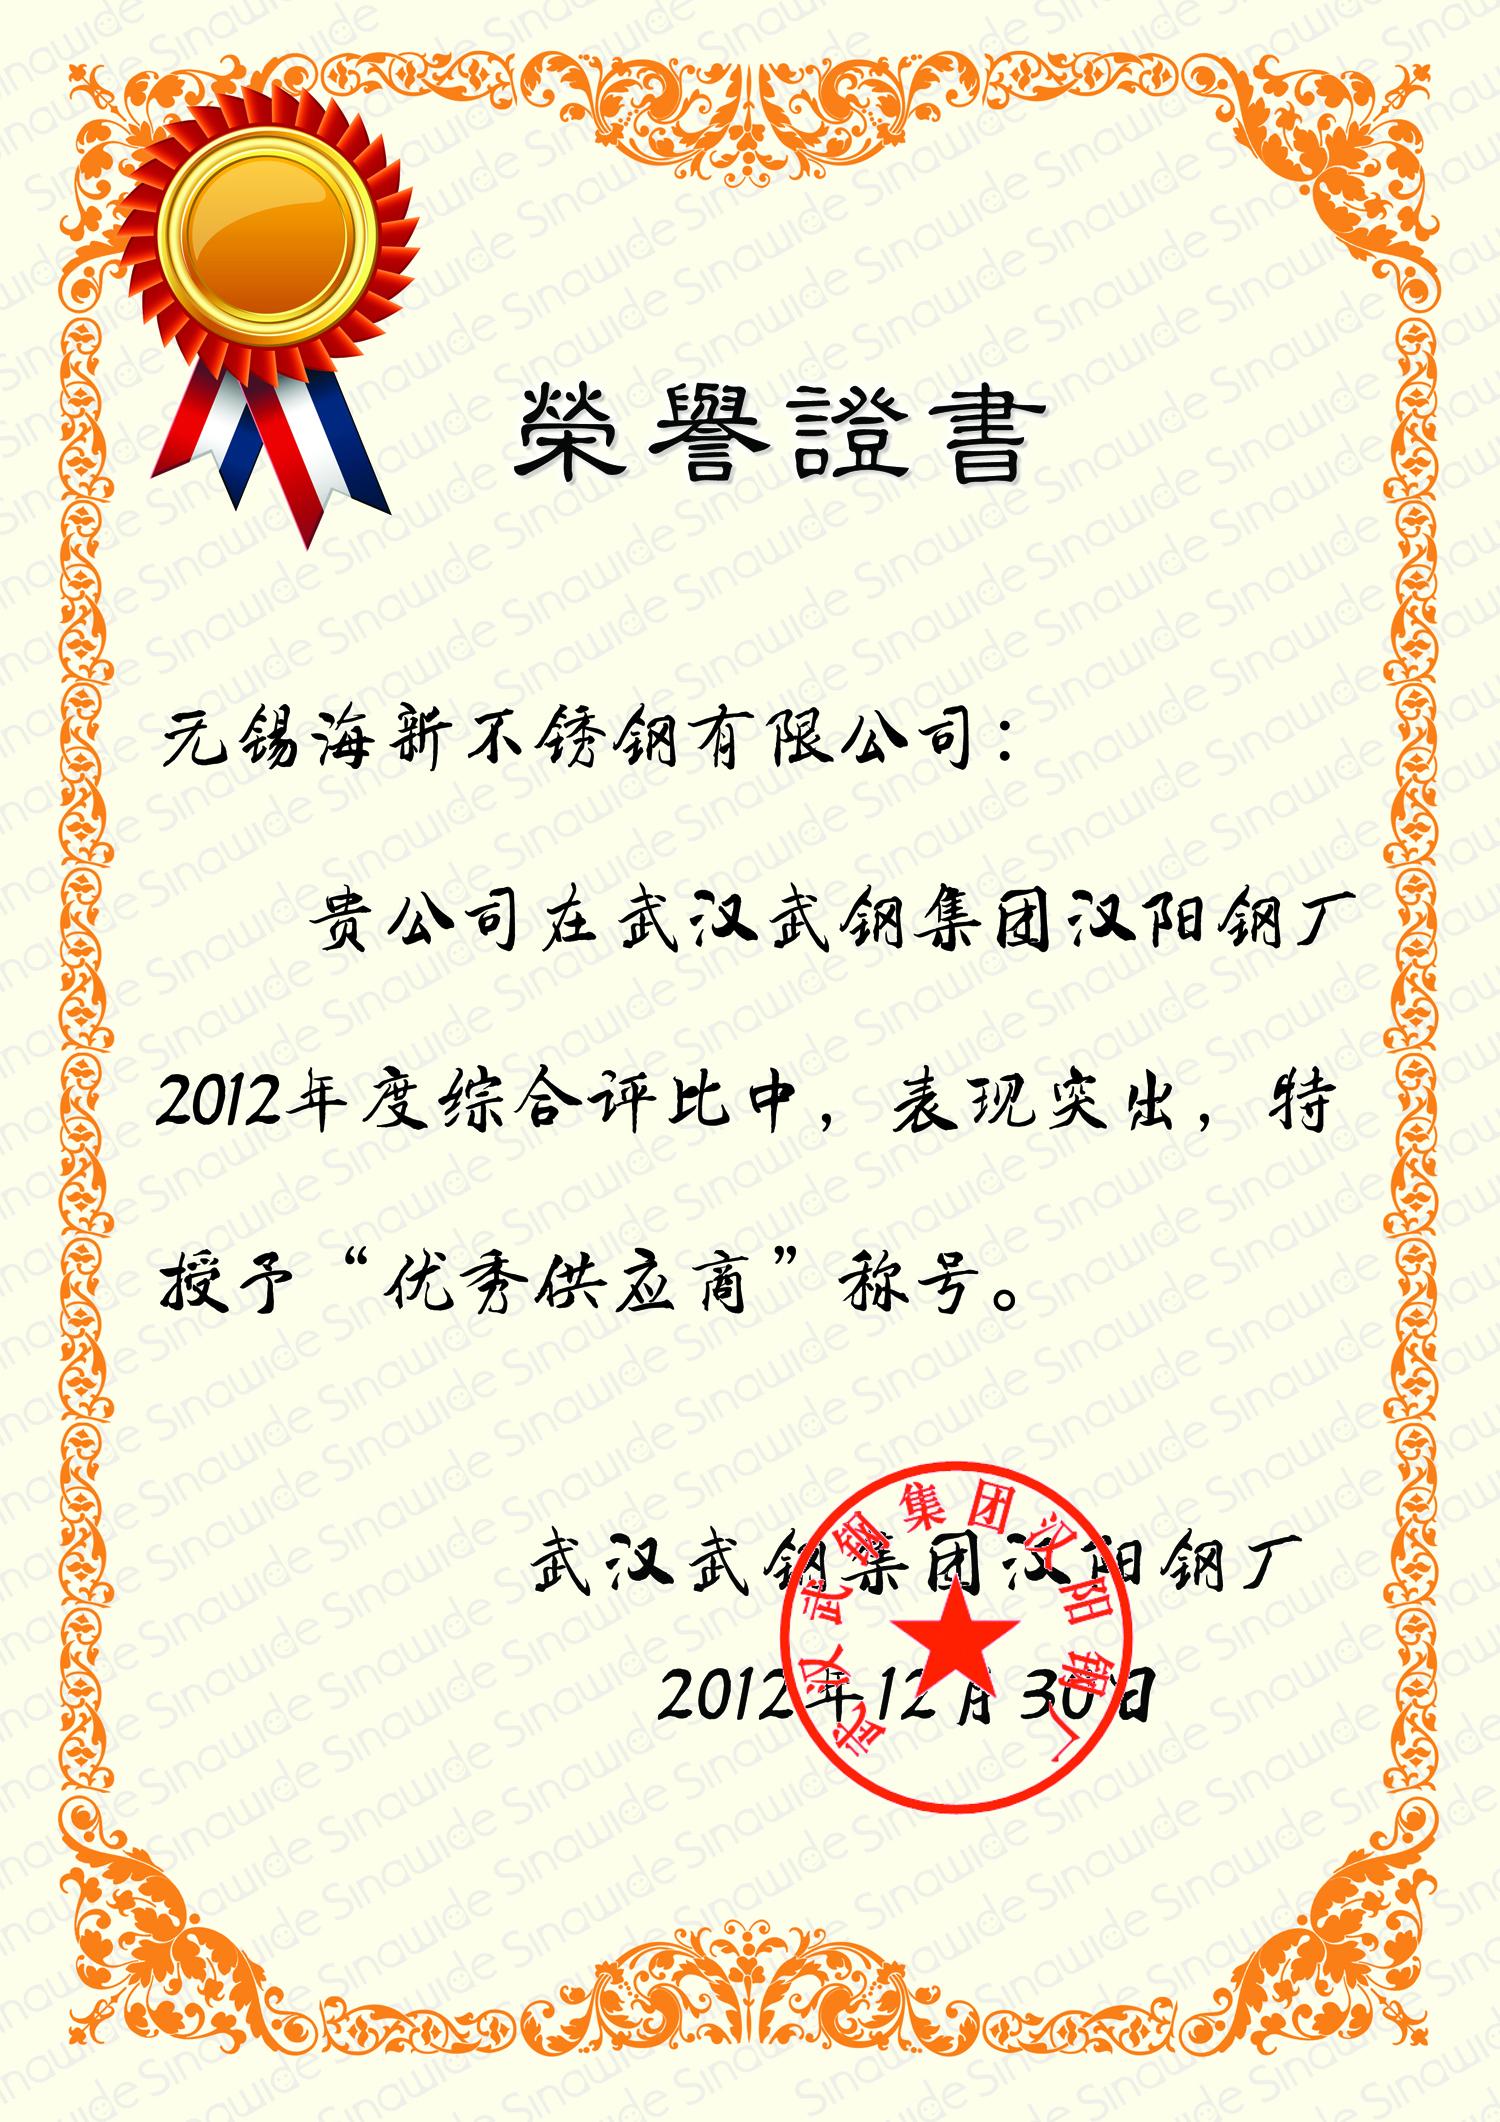 武汉武钢集团汉阳钢厂